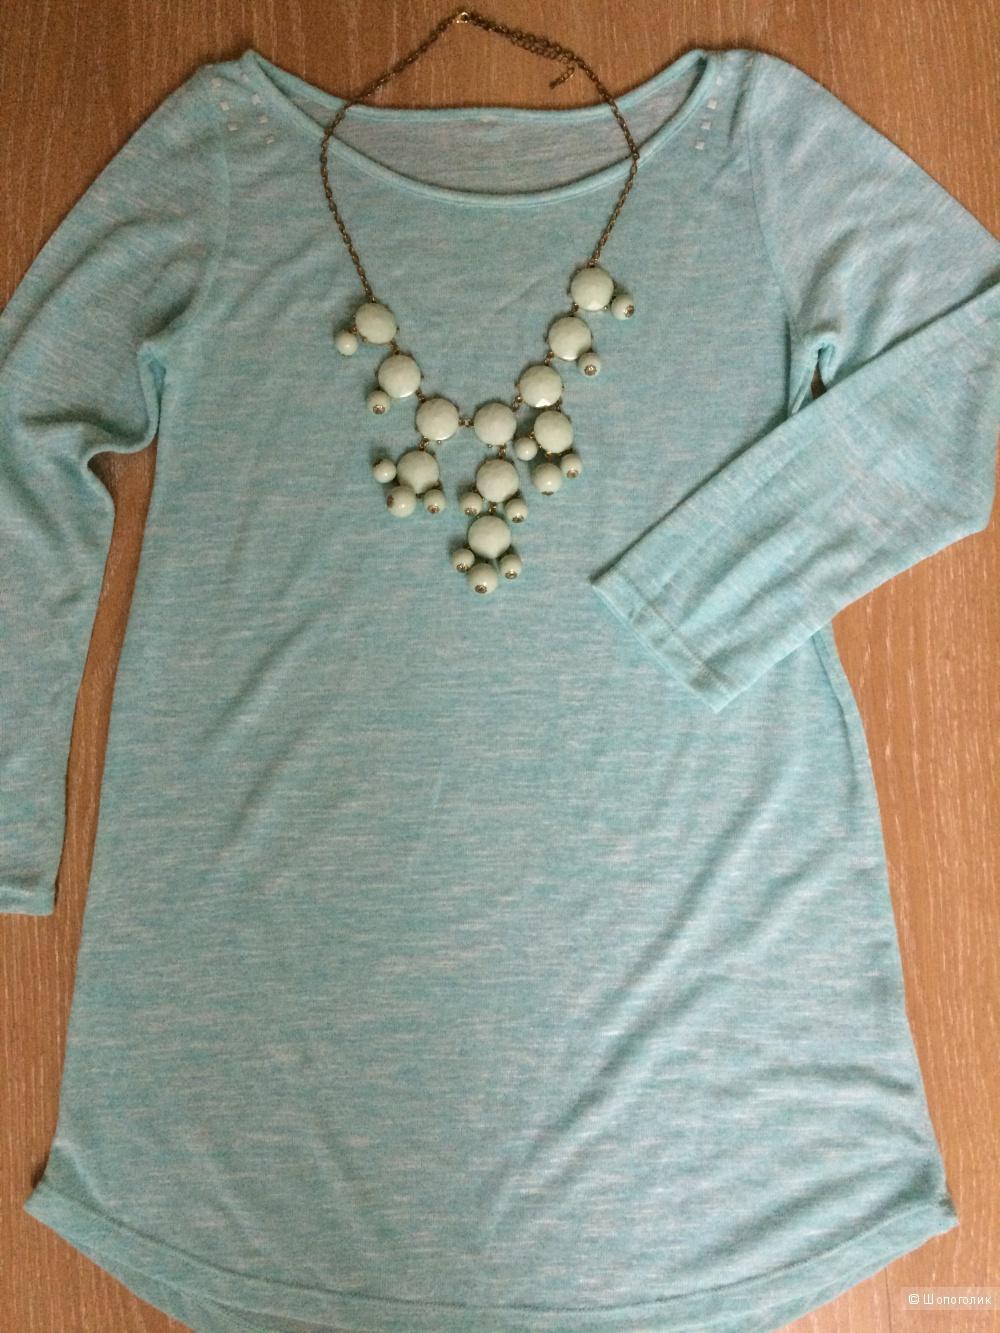 Bubble necklace нежного мятного цвета